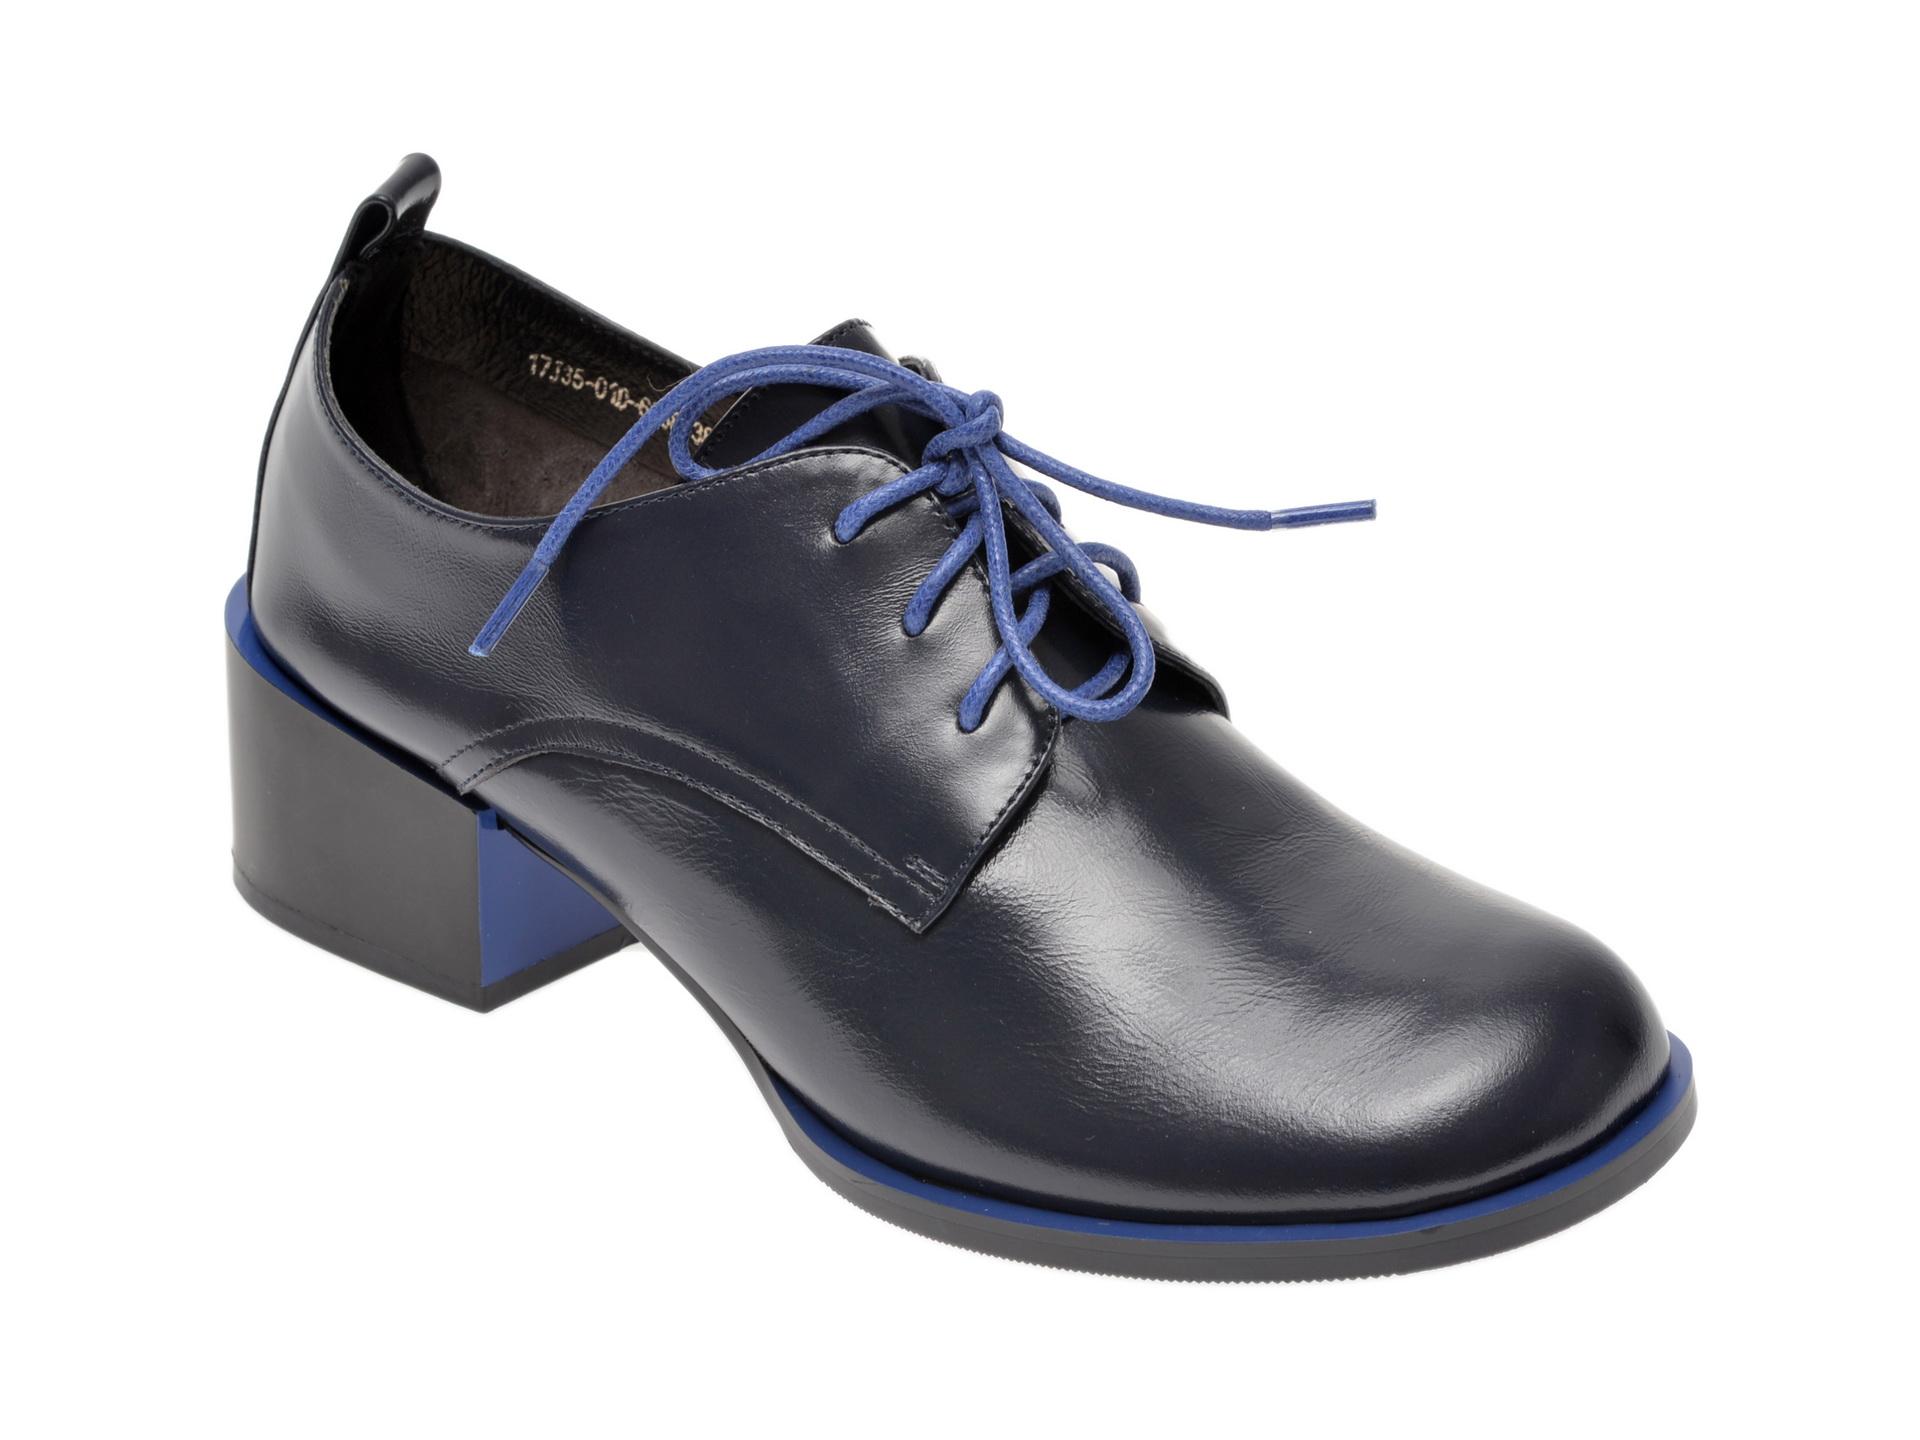 Pantofi EPICA bleumarin, 17J3501, din piele naturala